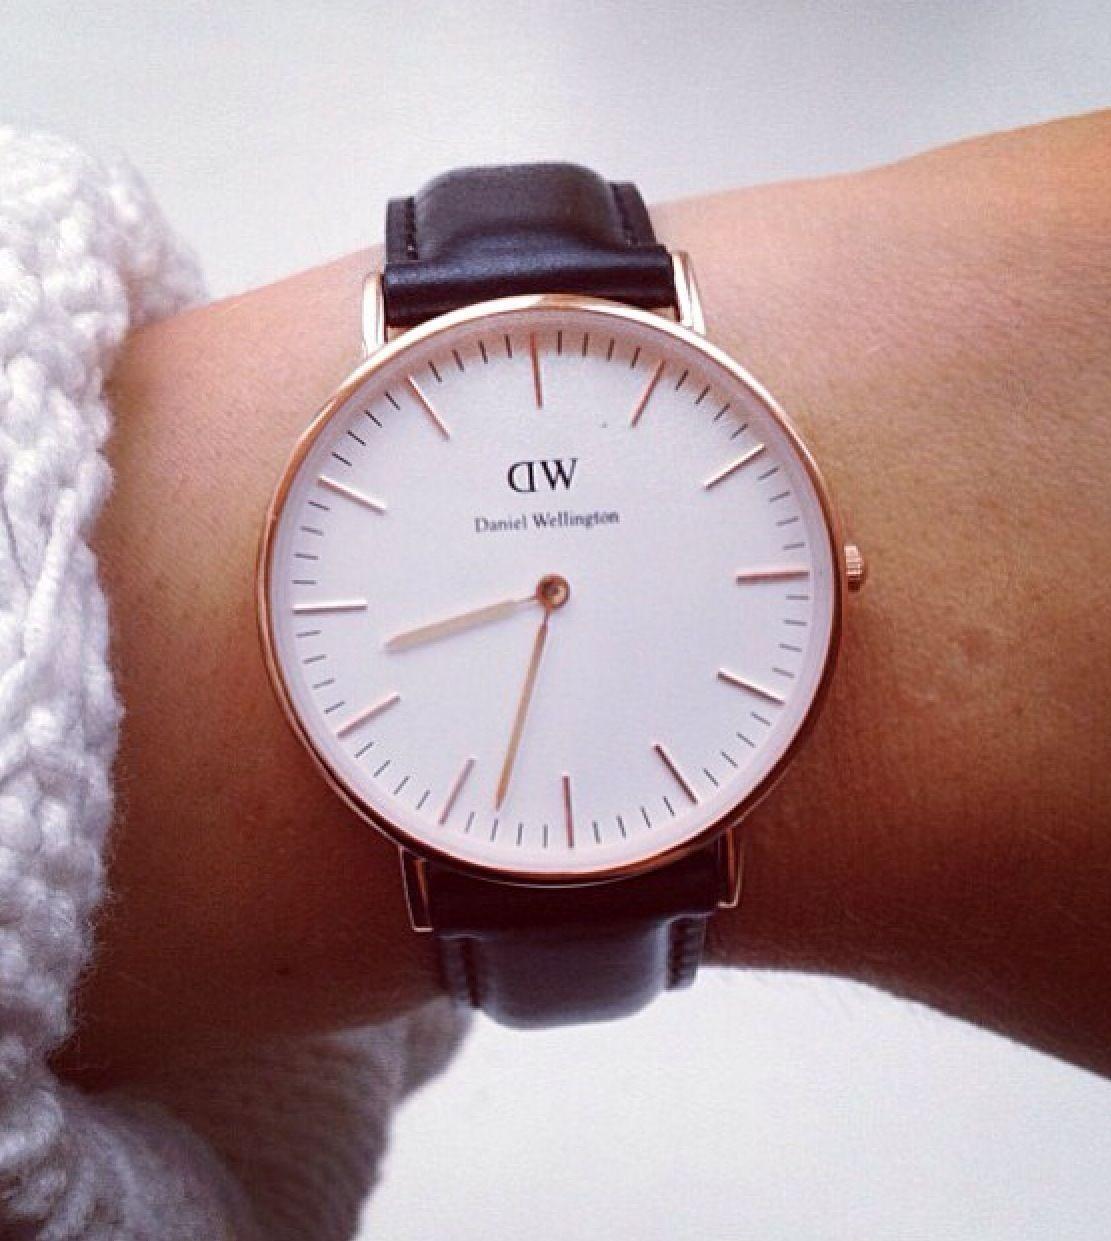 Daniel Wellington Watch Daniel Wellington Uhr Uhren Damen Schone Uhren